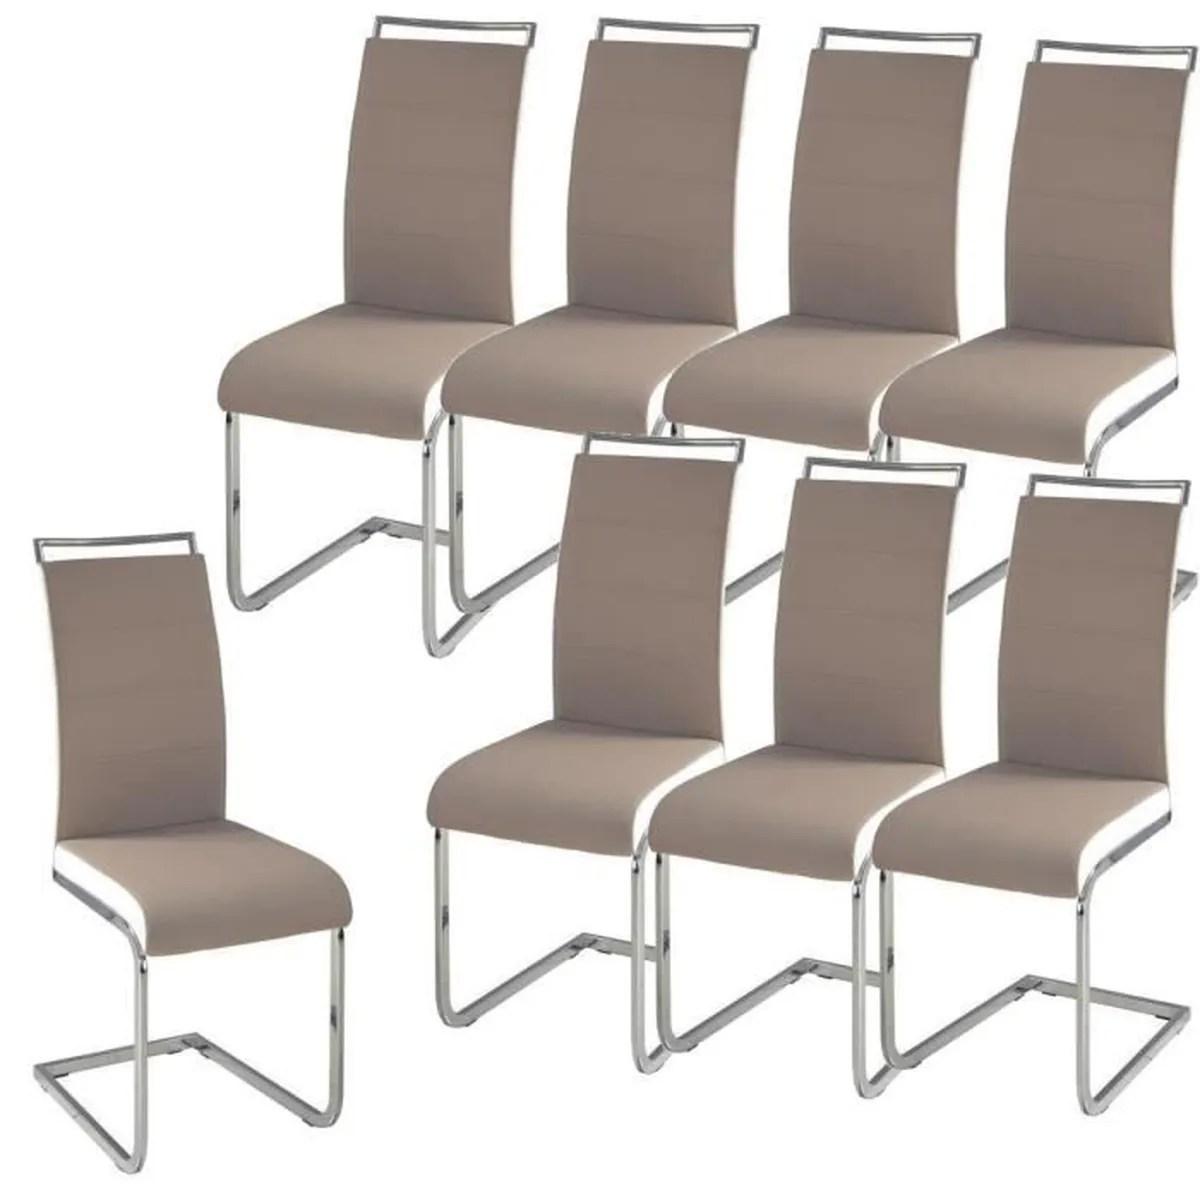 DYLAN Lot de 8 chaises salon taupe blanc  Achat  Vente